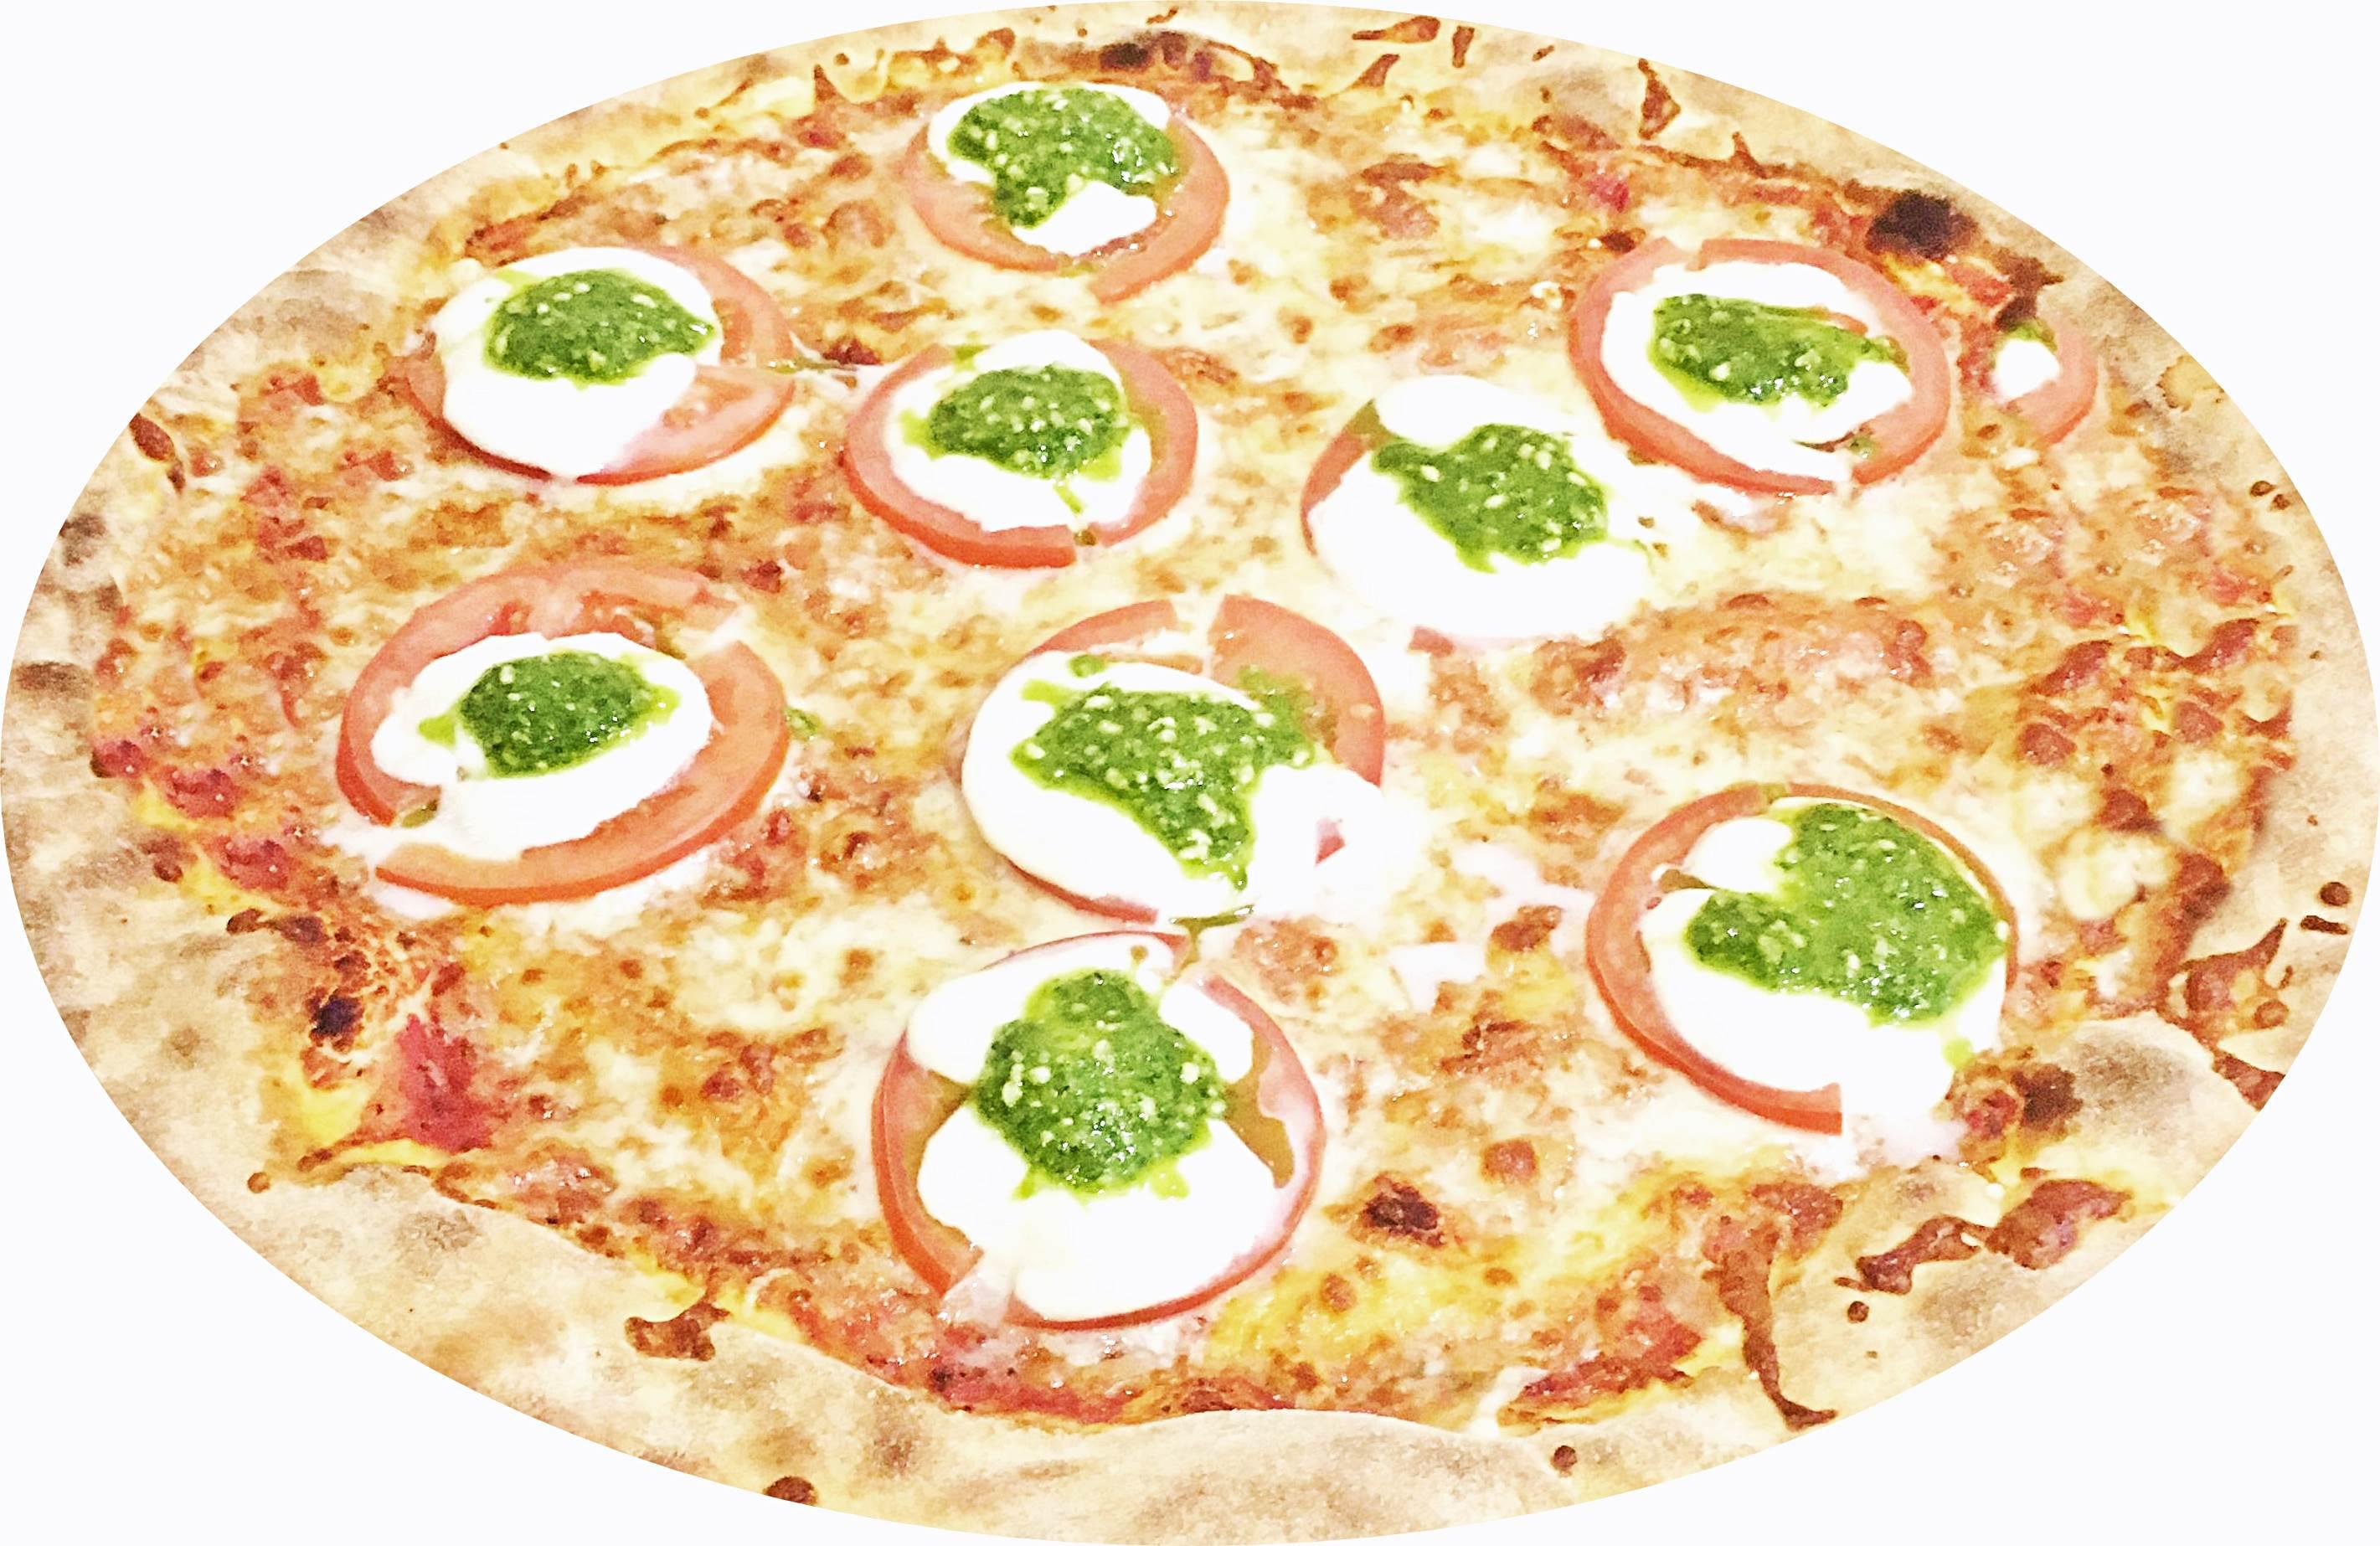 Pizza włoska 73 - pizza da Antonio Łódź